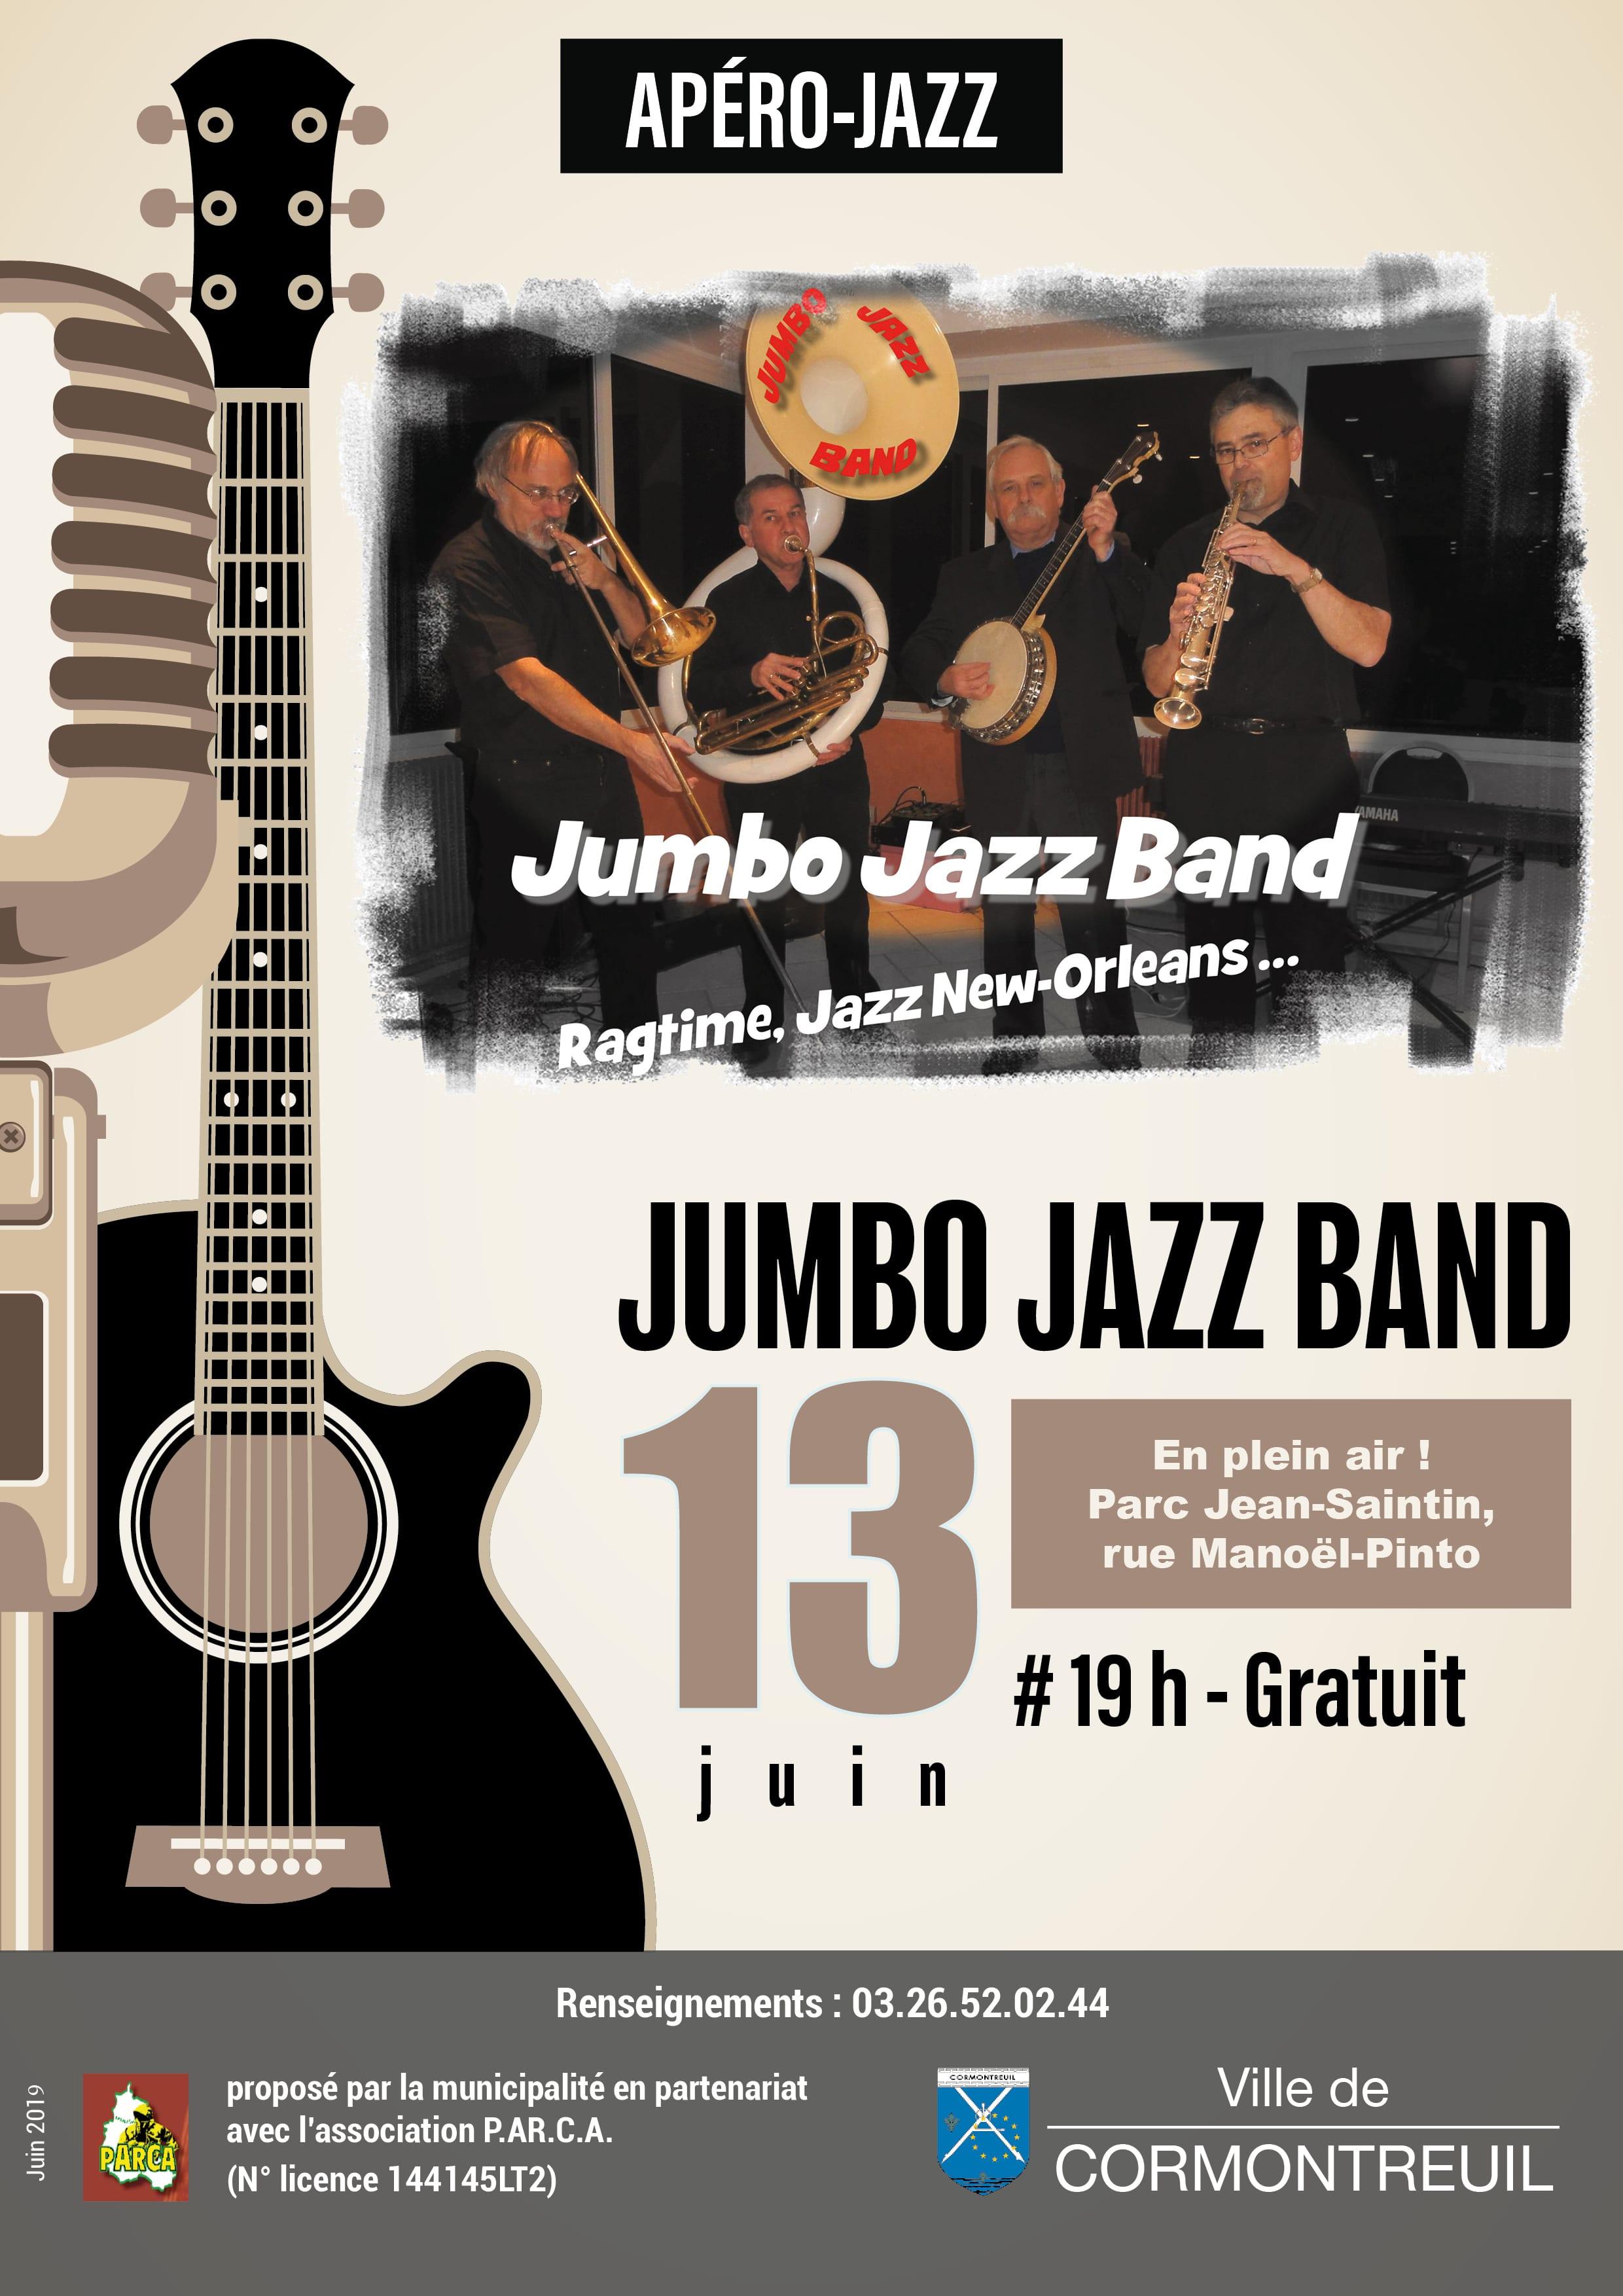 Jumbo jazz band cormontreuil